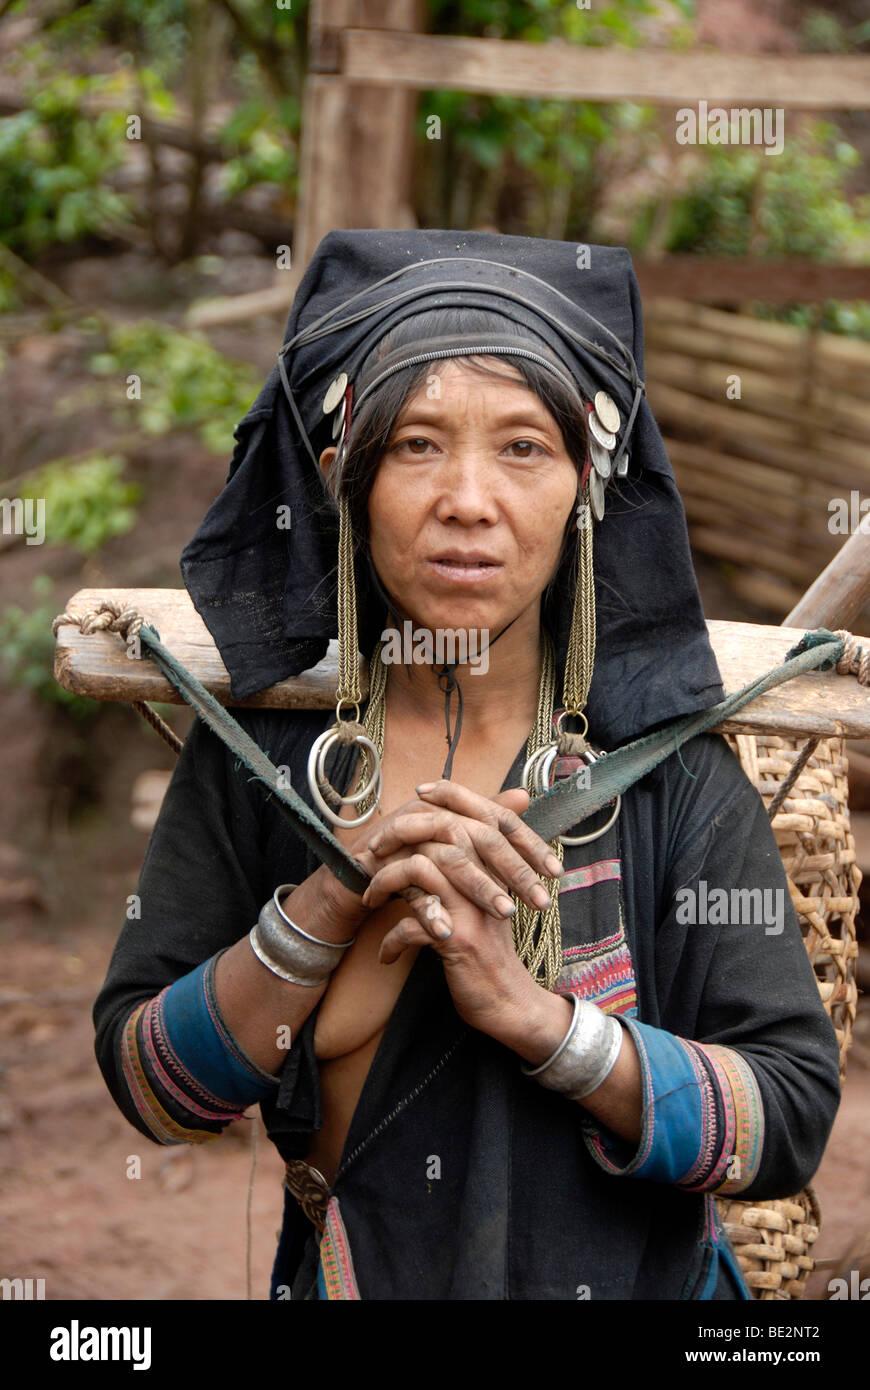 Porträt, Ethnologie, Frau der Akha Pixor Volksgruppe in traditioneller Kleidung, Haube als eine Kopfbedeckung, Stockbild